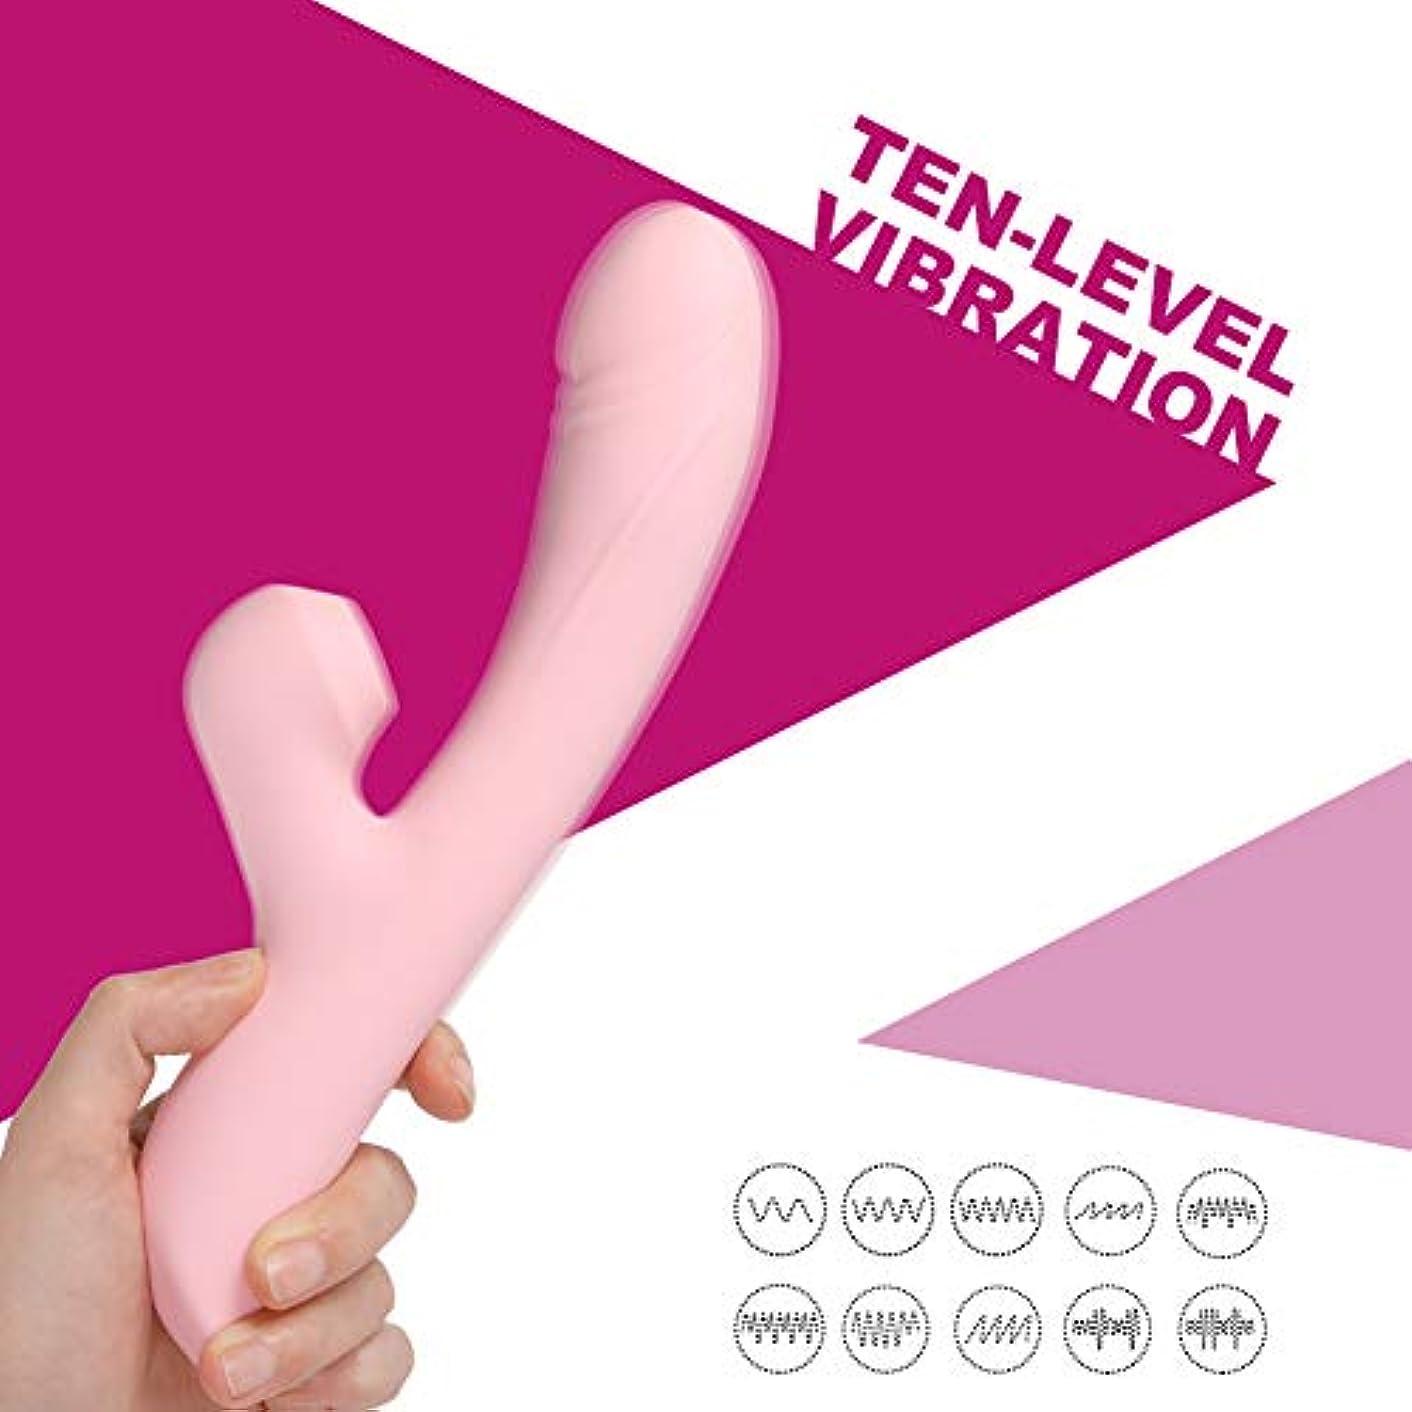 定期的速度酸おもちゃ オーガニック オイル 全身 人気 バイブレーター 加熱機能 潮吹き 女性 Gスポット 女性マッサージ器 アダルトグッズ (ピンク色)